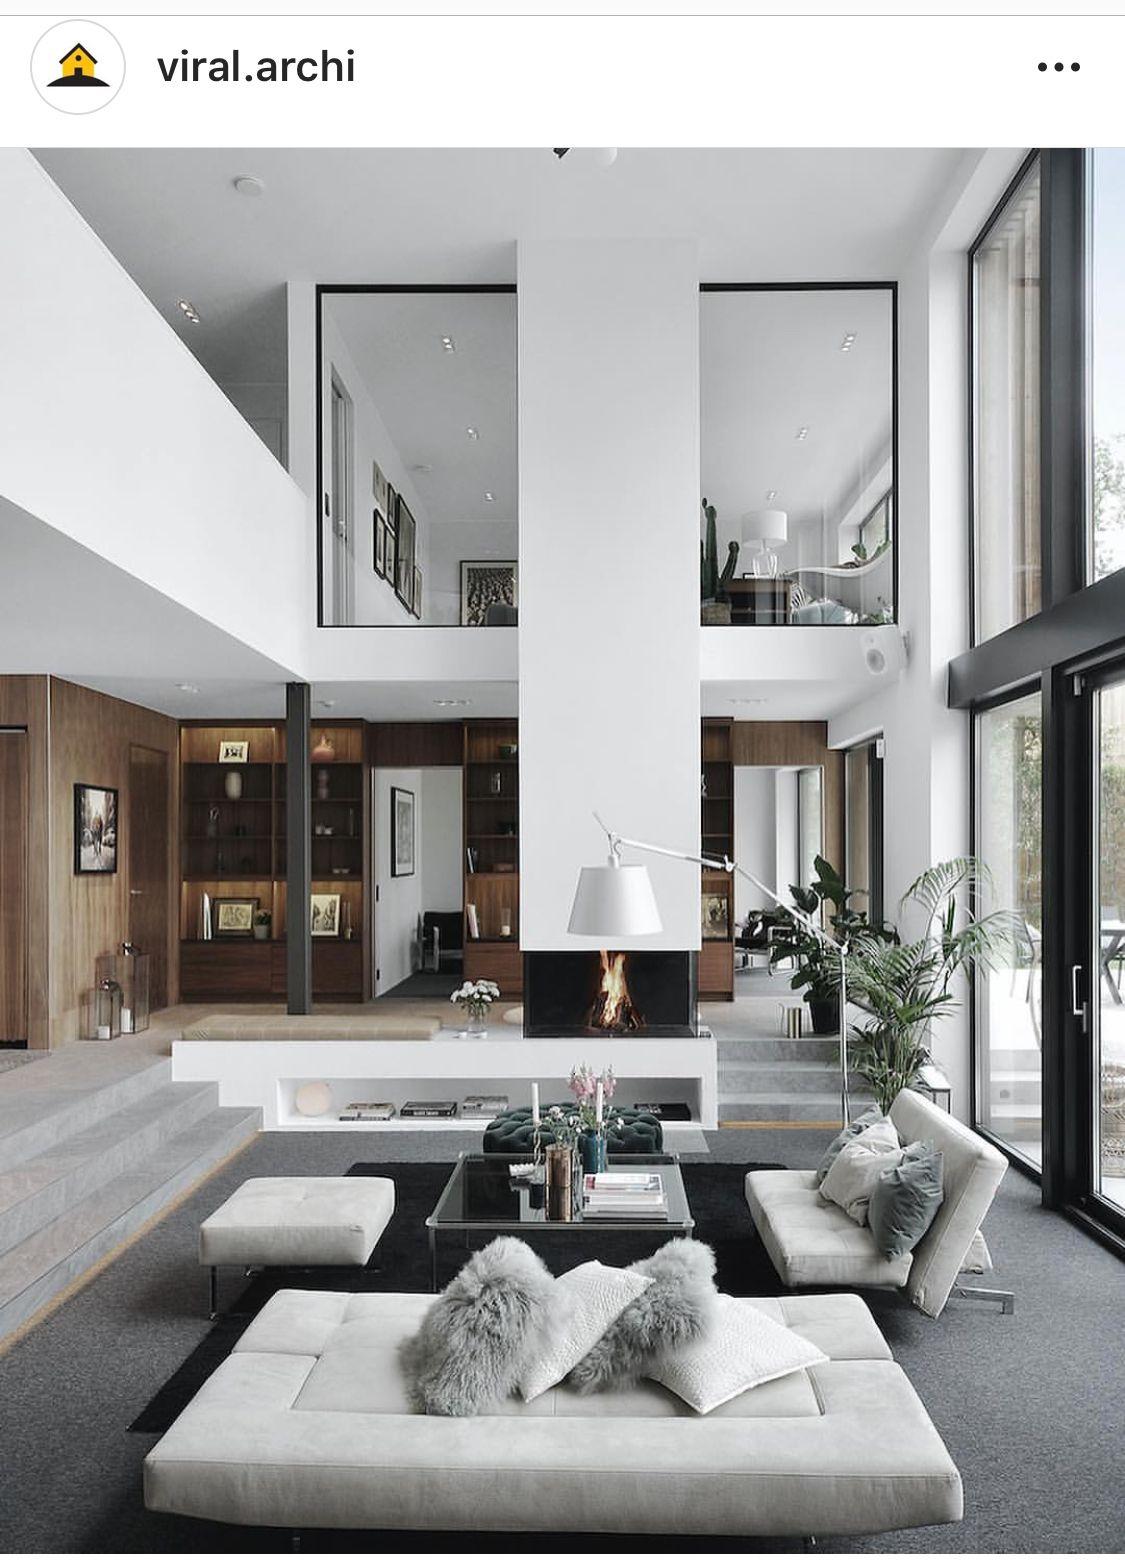 Double Height Sunken Space Interior Design Living Room